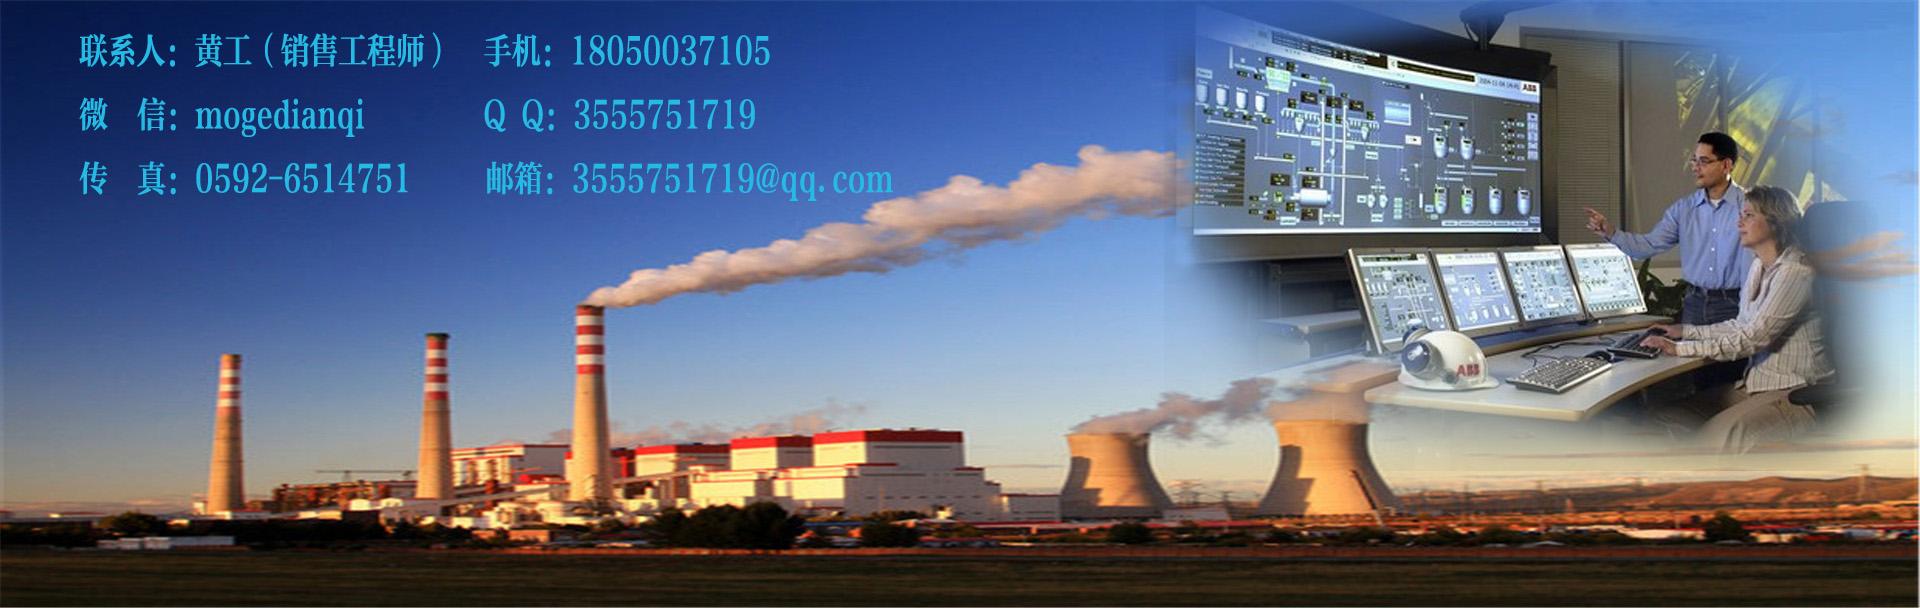 厦门莫格电气自动化有限公司